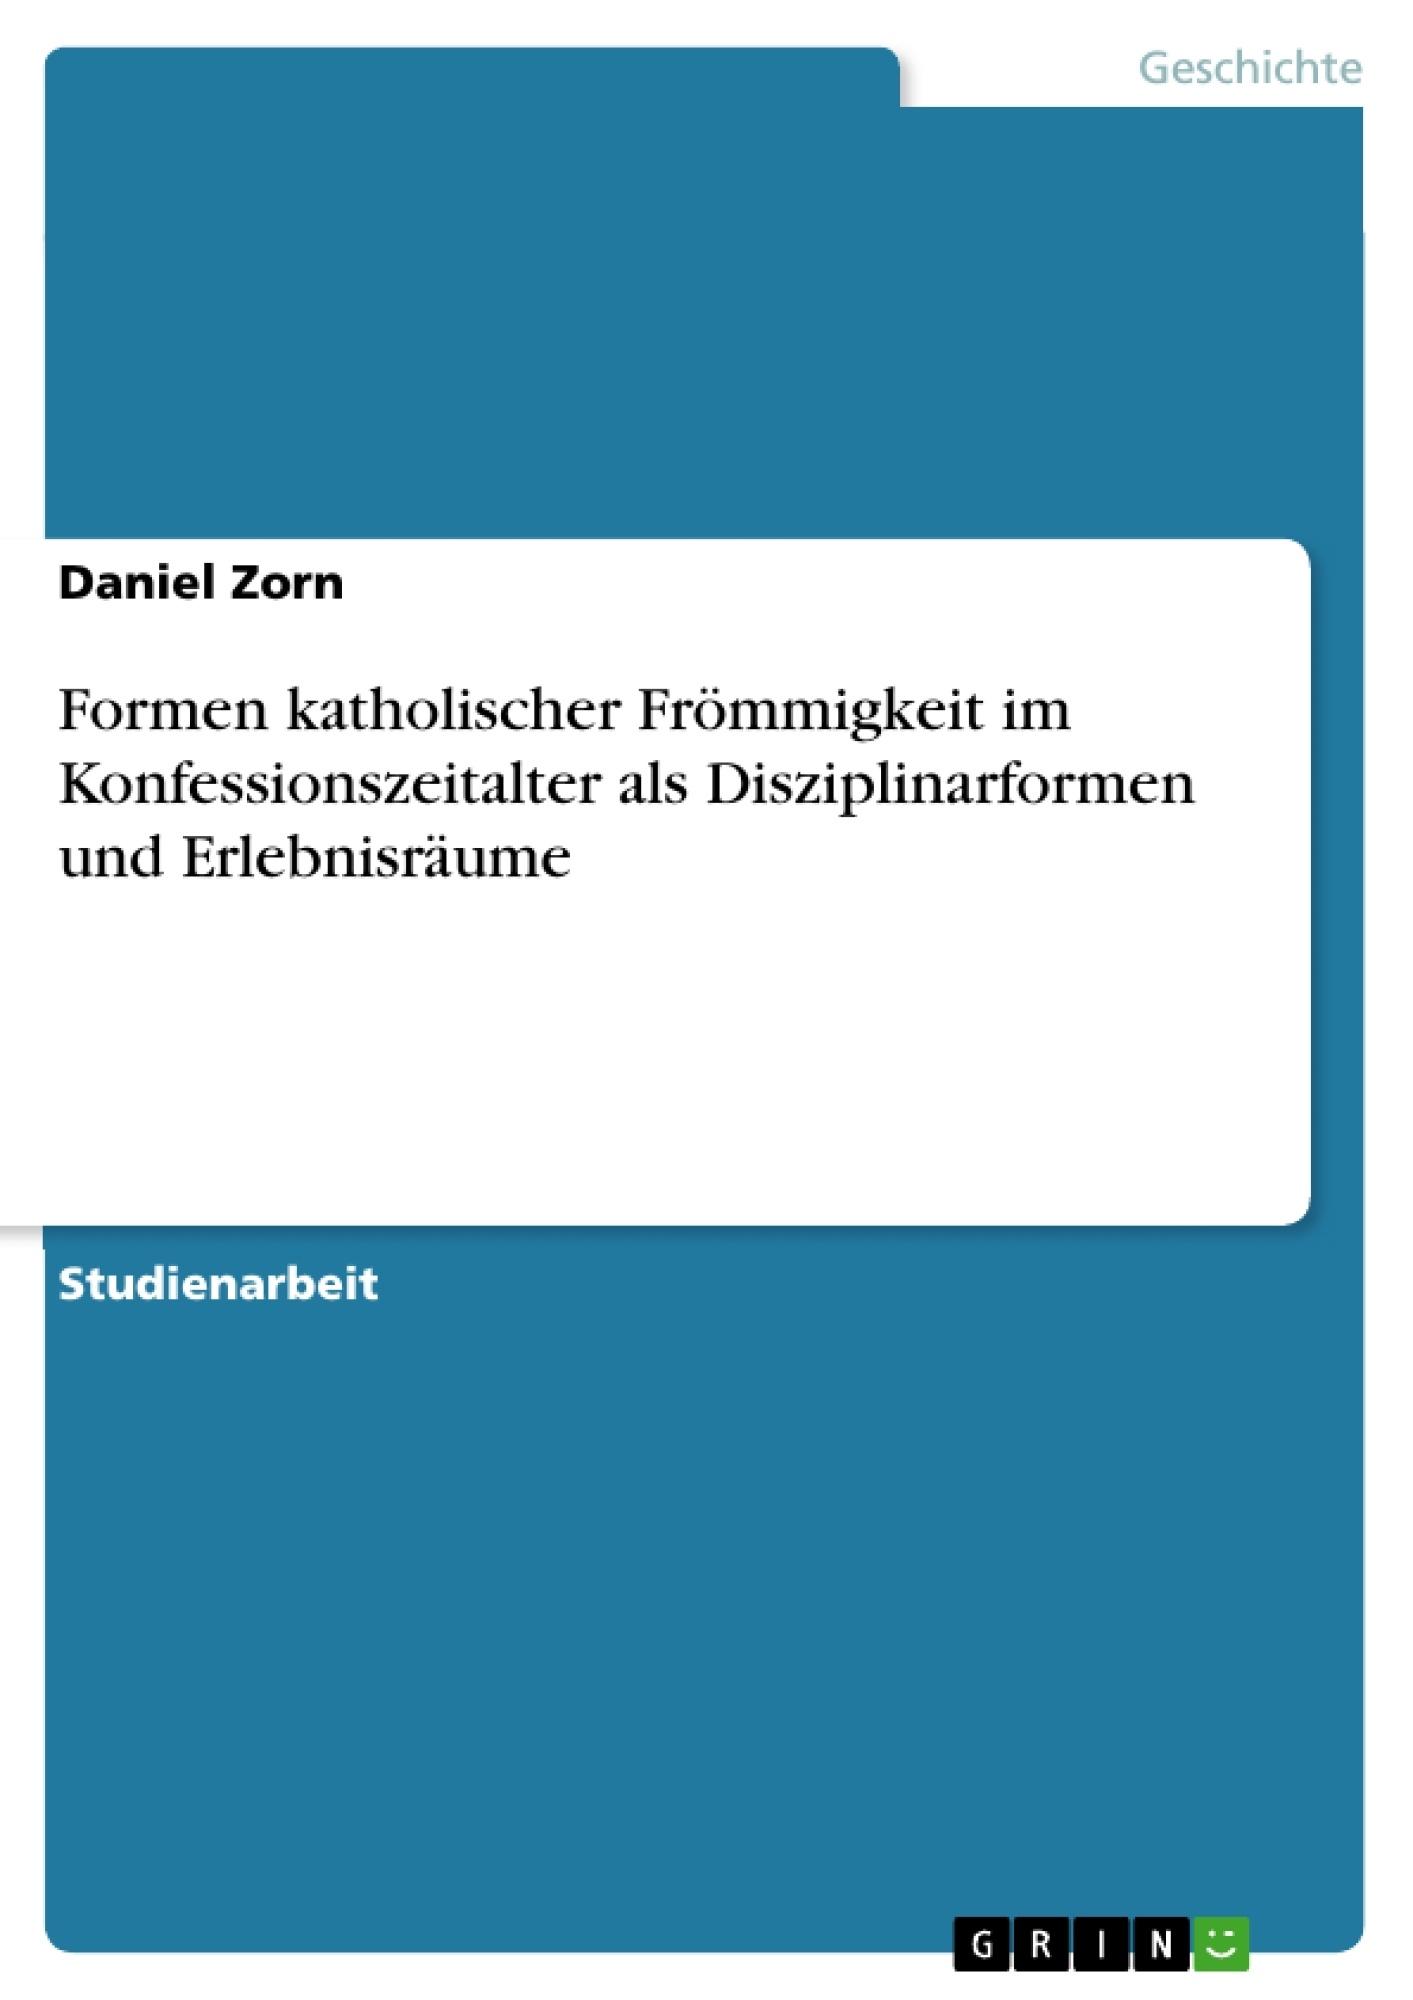 Titel: Formen katholischer Frömmigkeit im Konfessionszeitalter als Disziplinarformen und Erlebnisräume